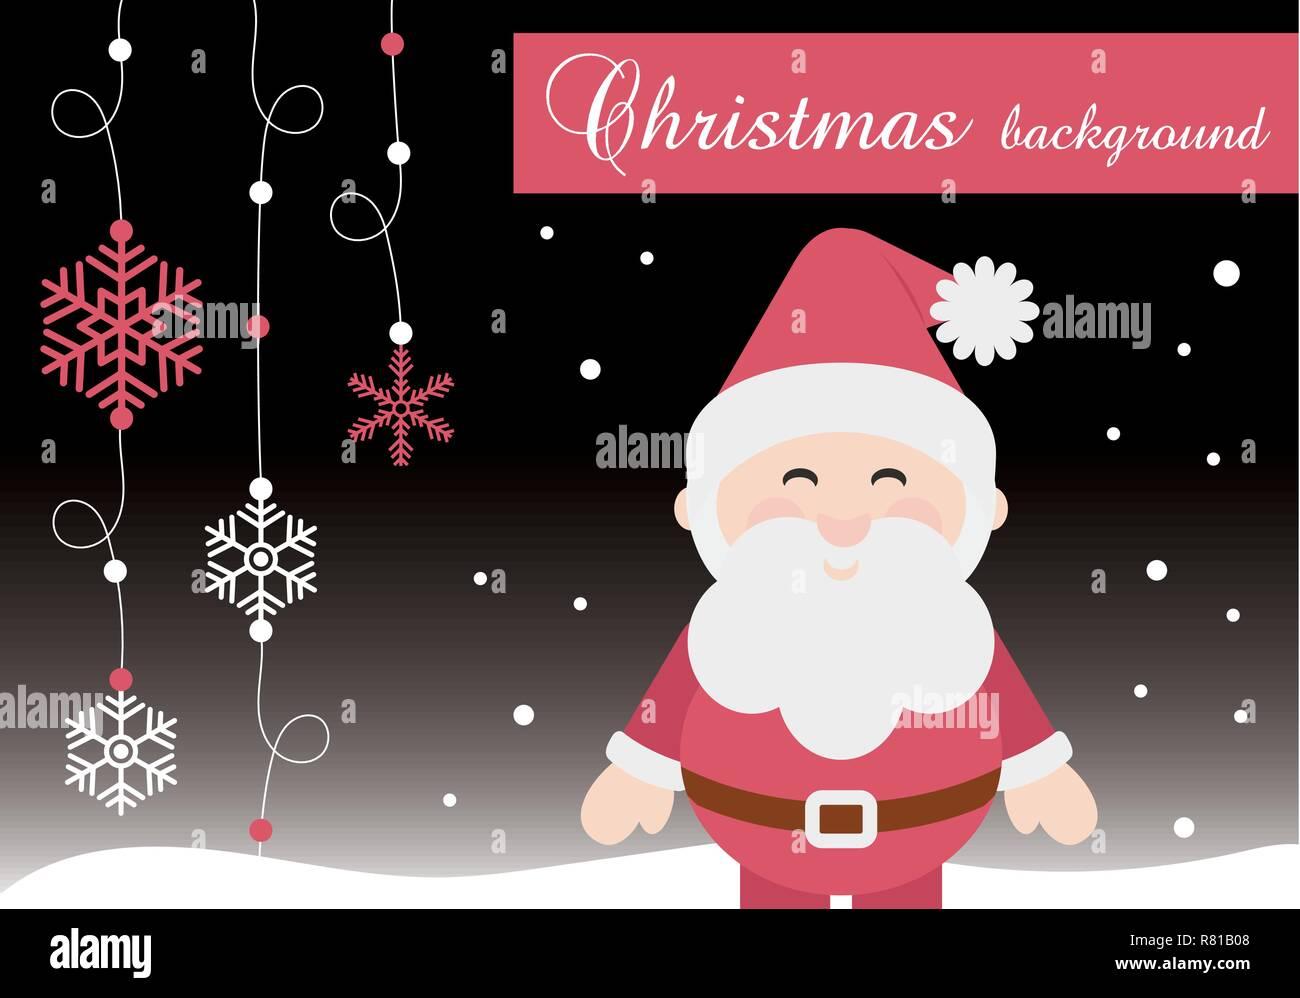 Feliz Navidad lindo Santa Claus ilustración vectorial imprimible Póster Banner Tarjeta de felicitación de pared de fondo azul con nieve Imagen De Stock